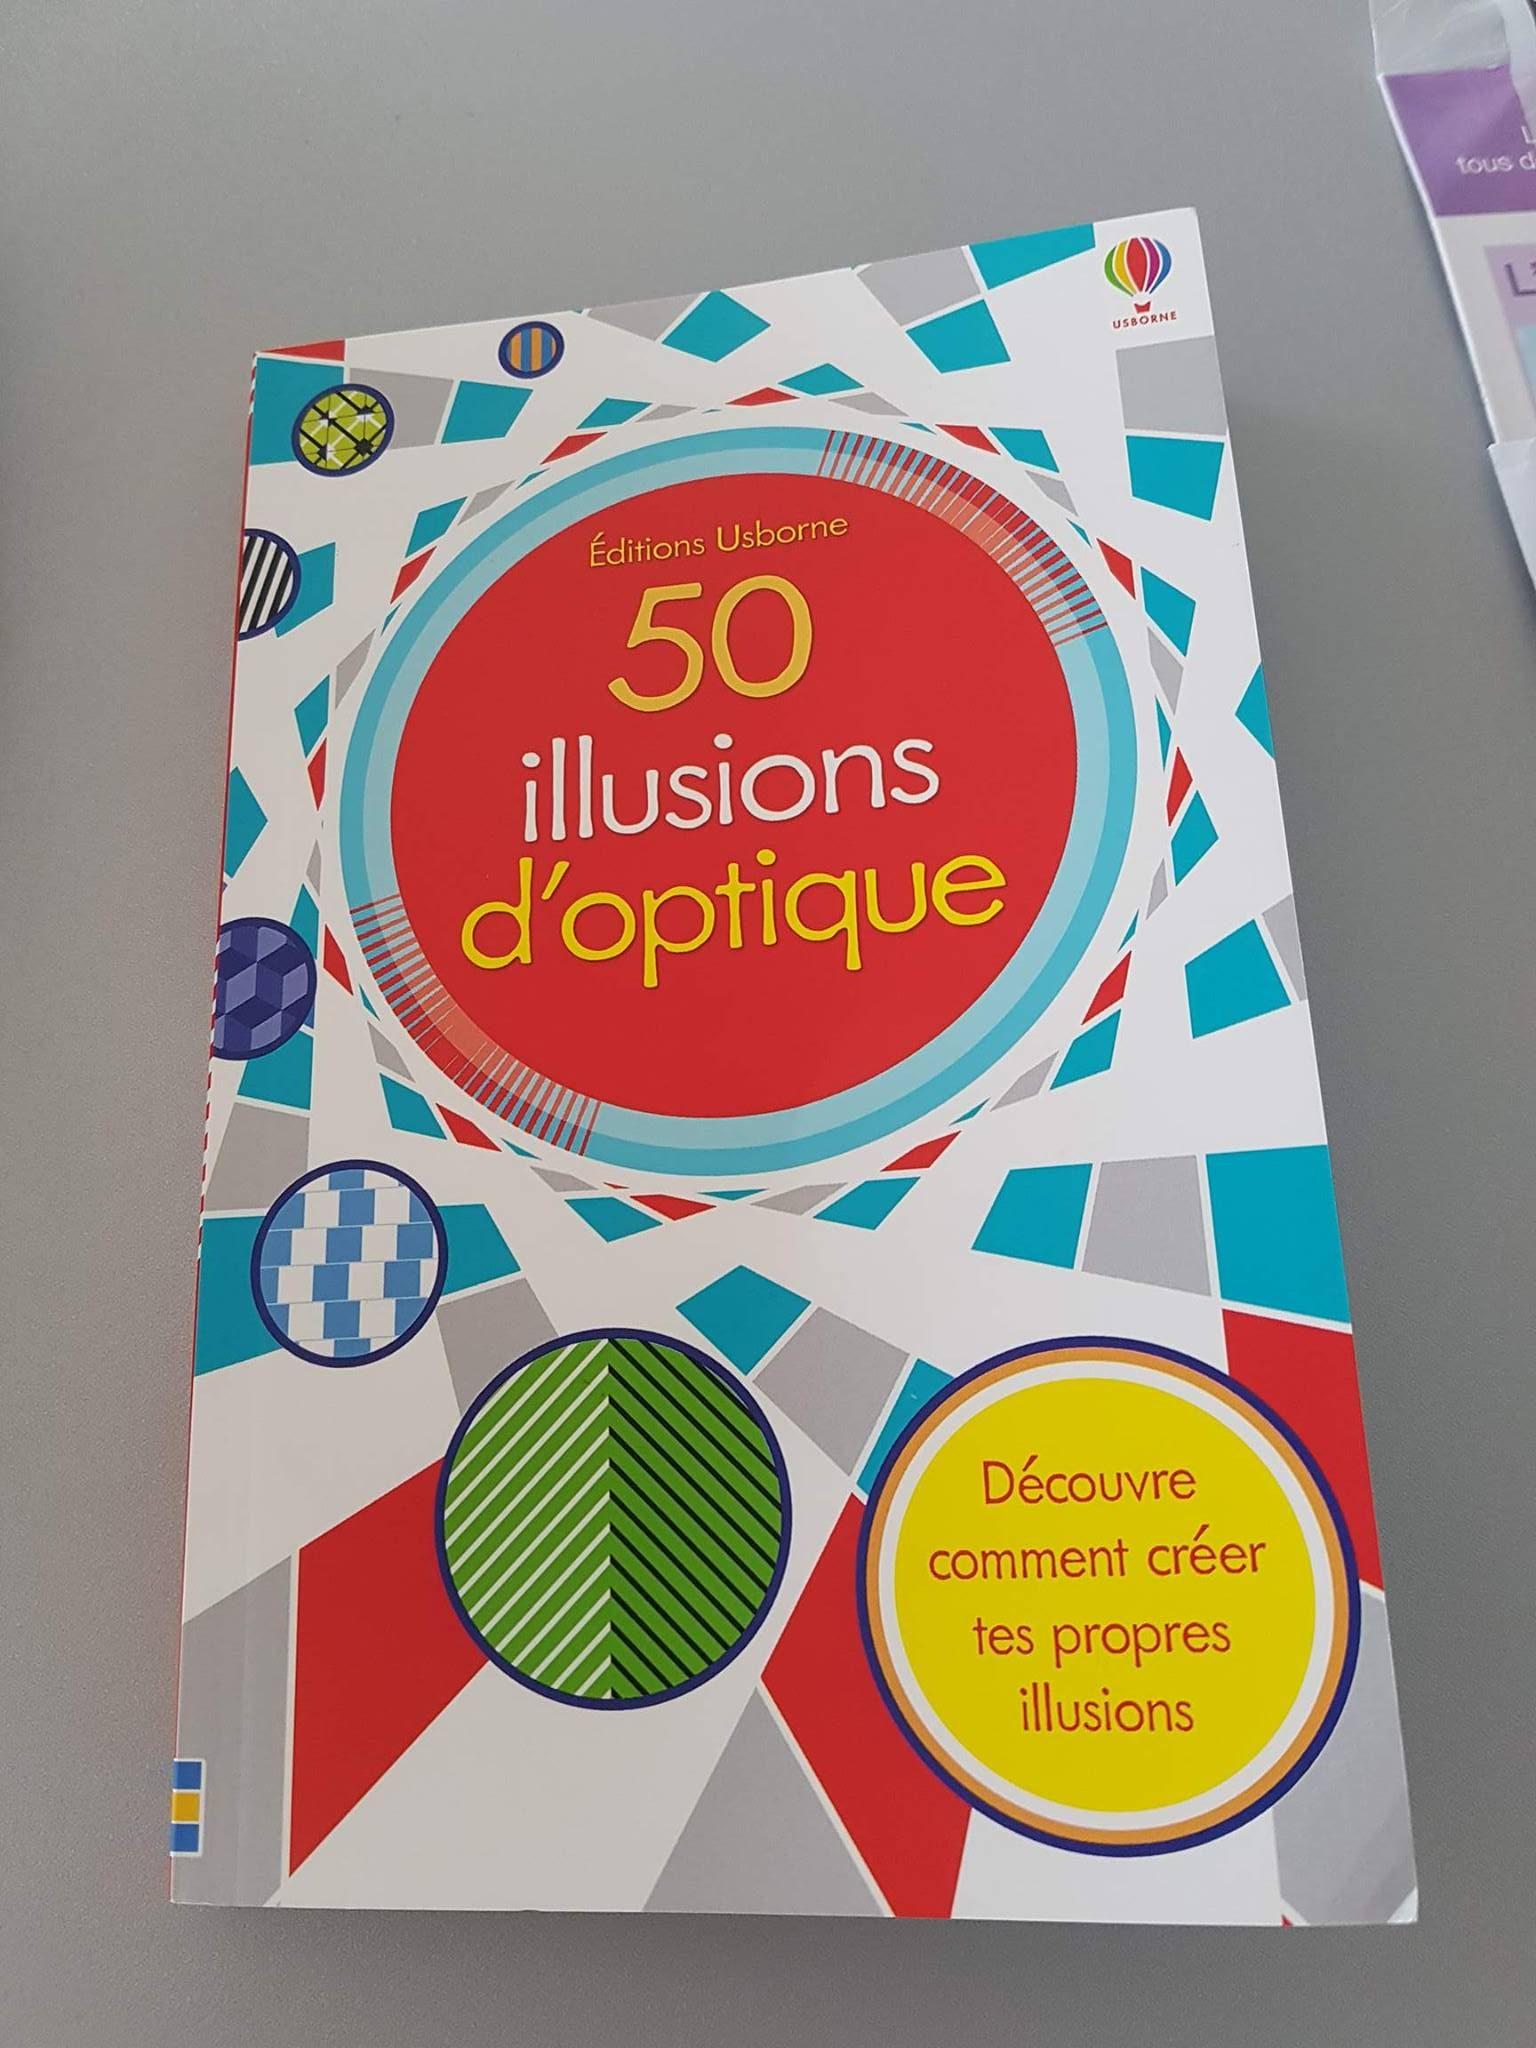 Le top des testeuses 50 illusions d'optique des Editions Usborne Le Coin des Mamans